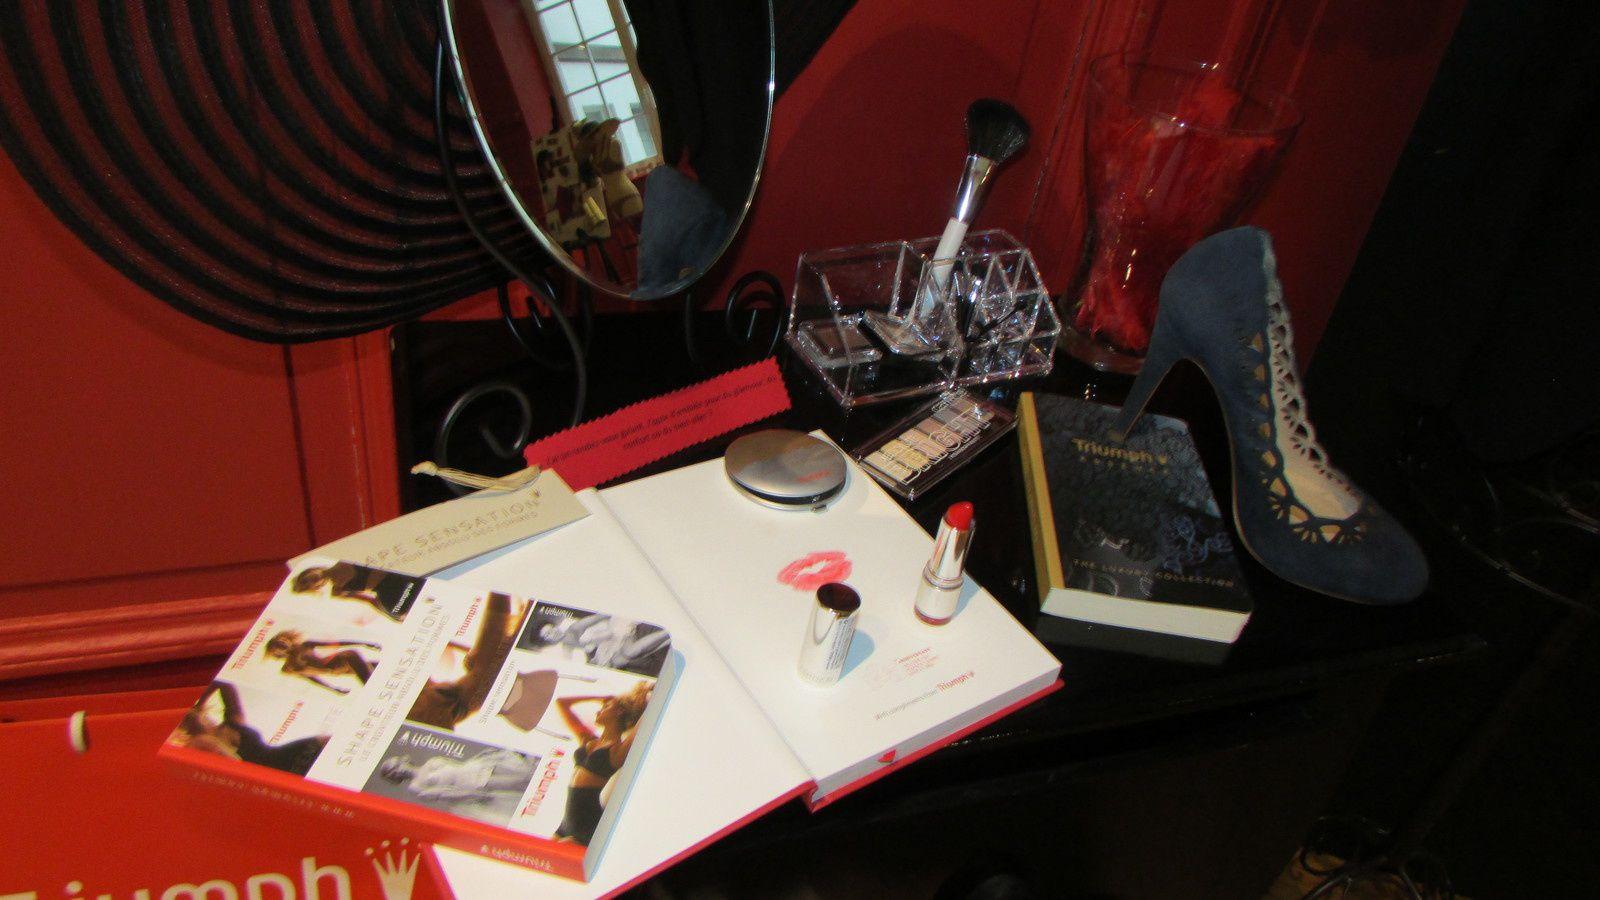 Ma vision de la lingerie idéale par Triumph The Maker Of Lingerie